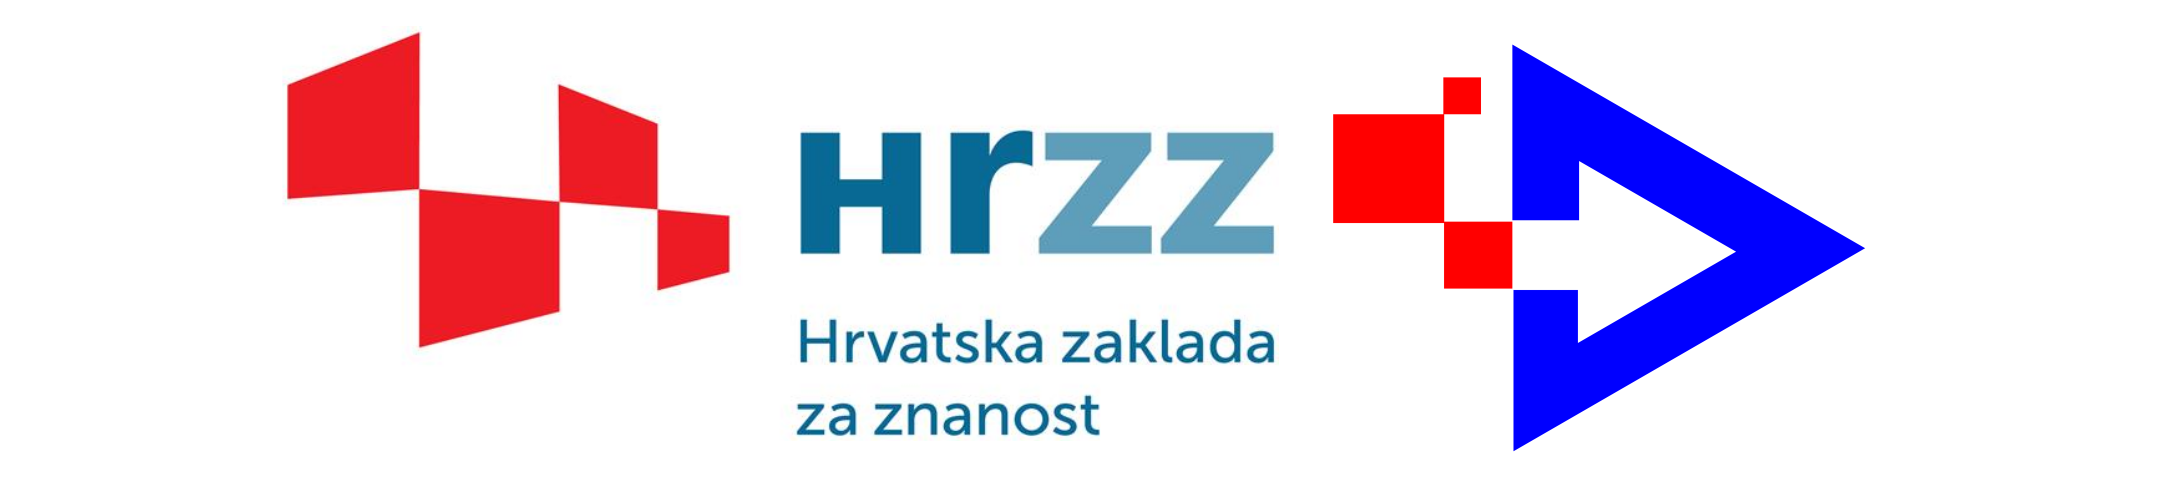 HRZZ-DerekLab